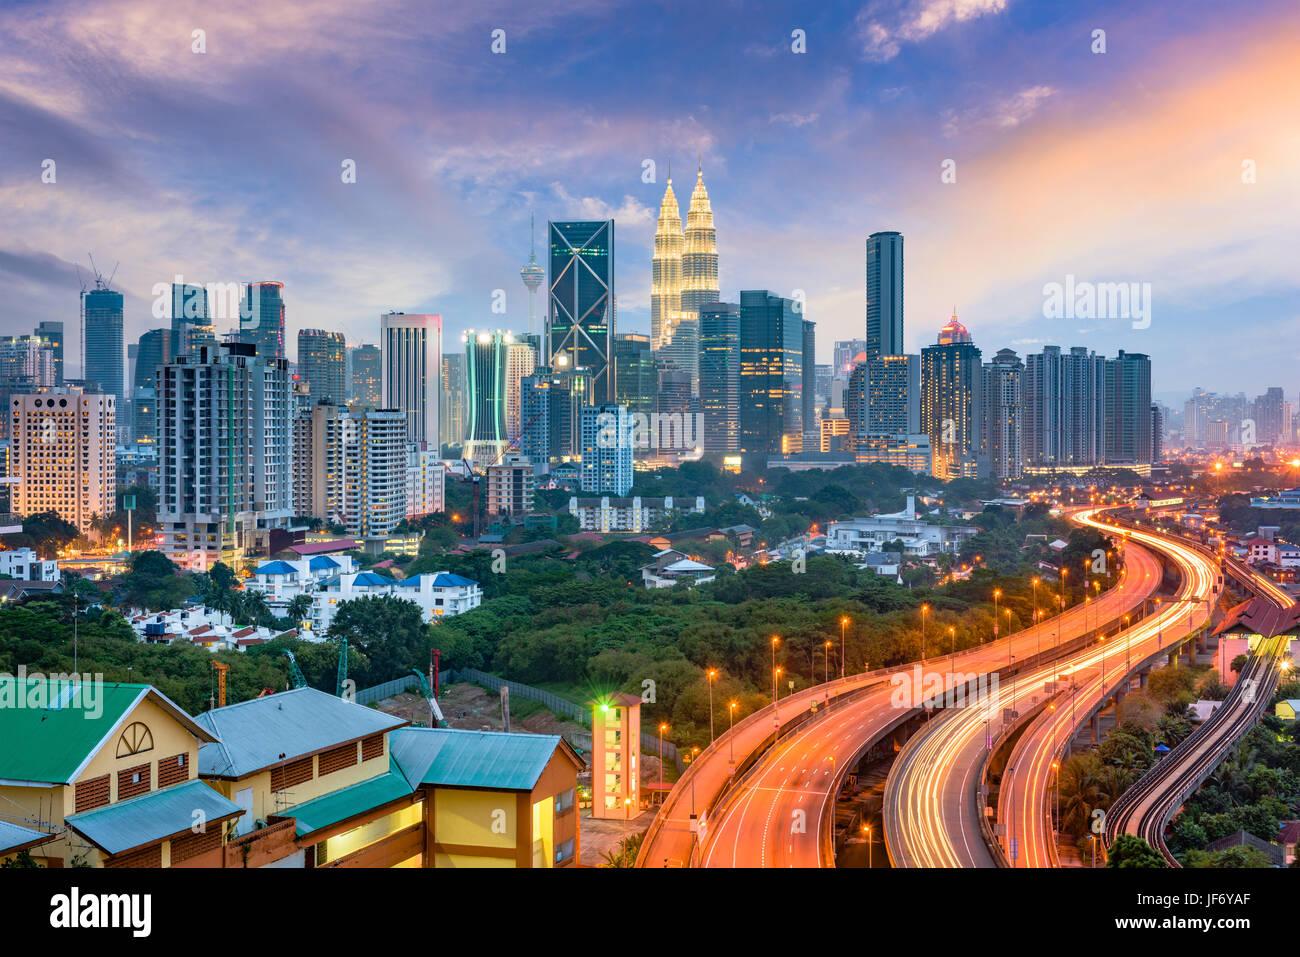 Kuala Lumpur, Malasia, autopistas y Horizonte. Imagen De Stock